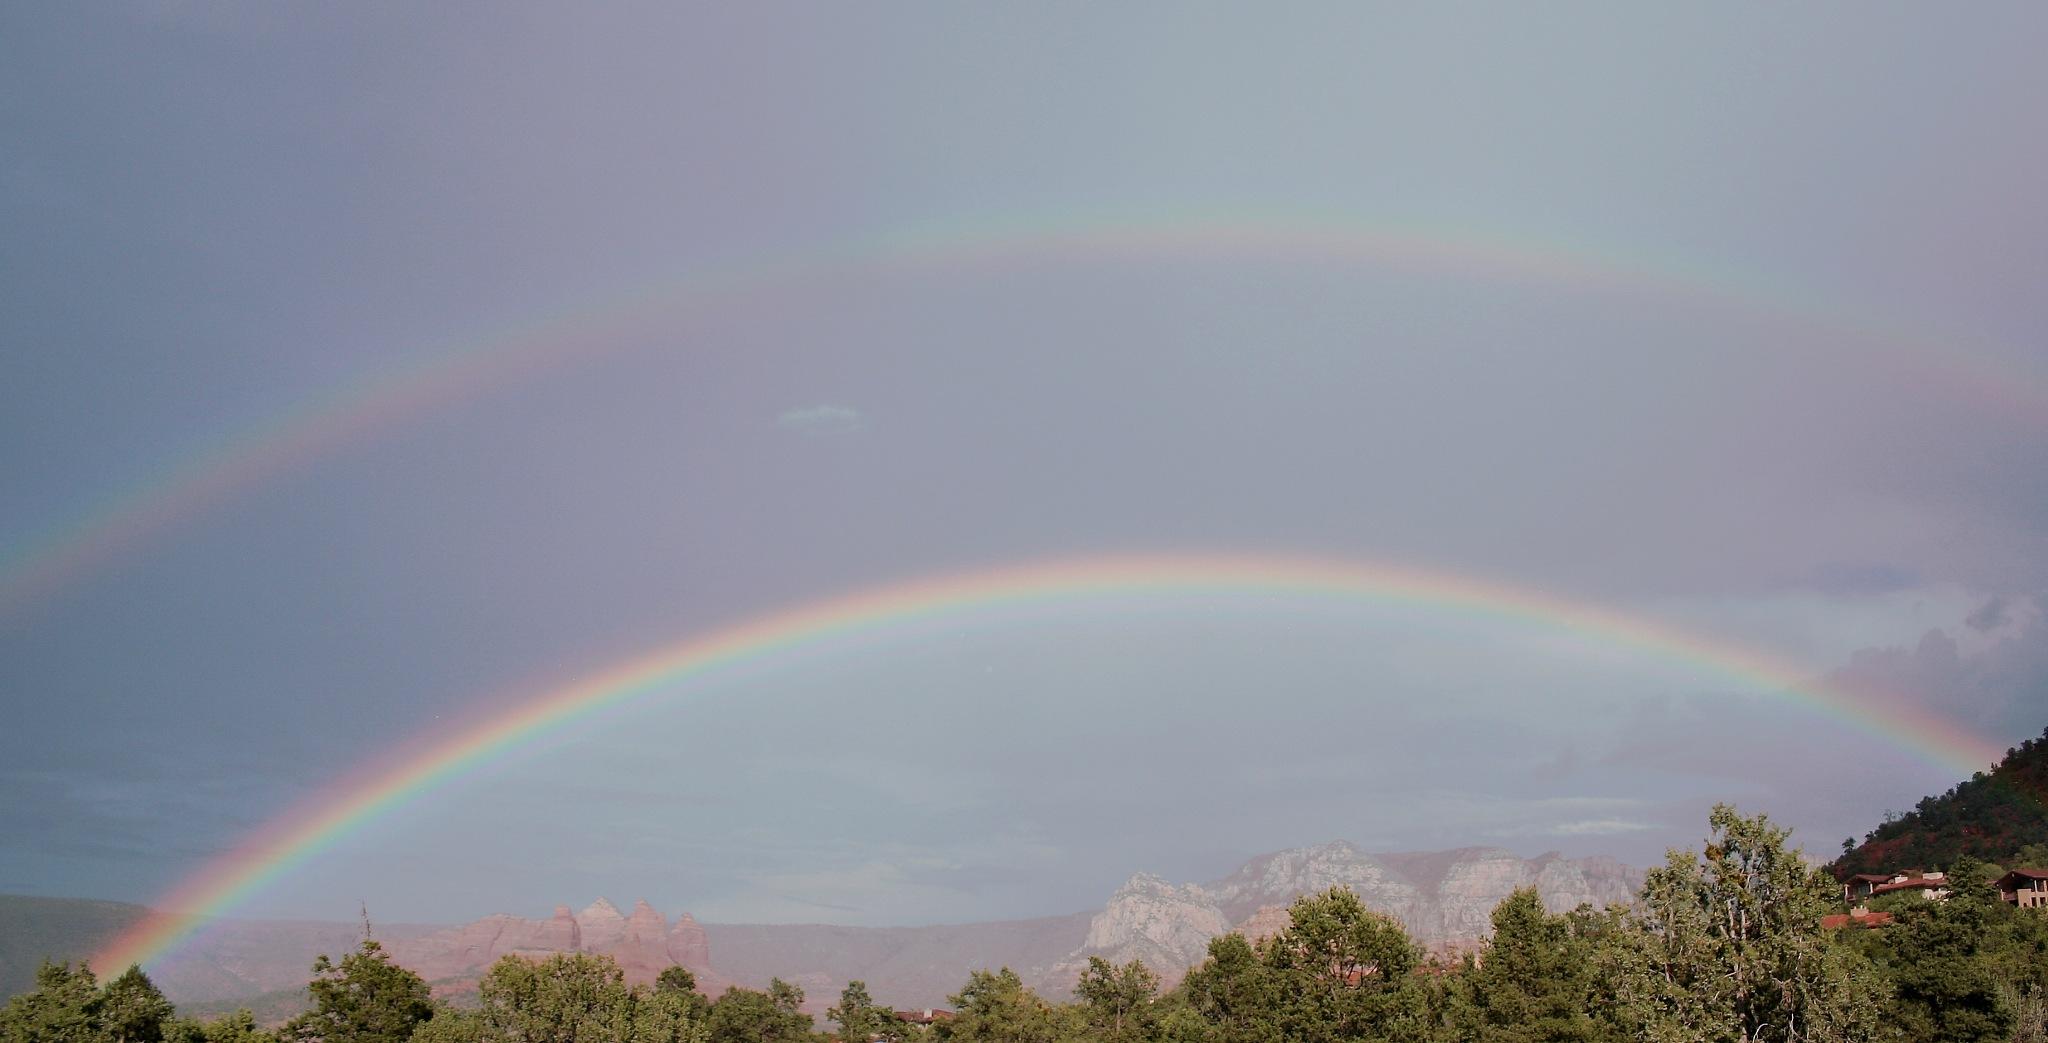 Double Rainbow Over Sedona by molterserrano